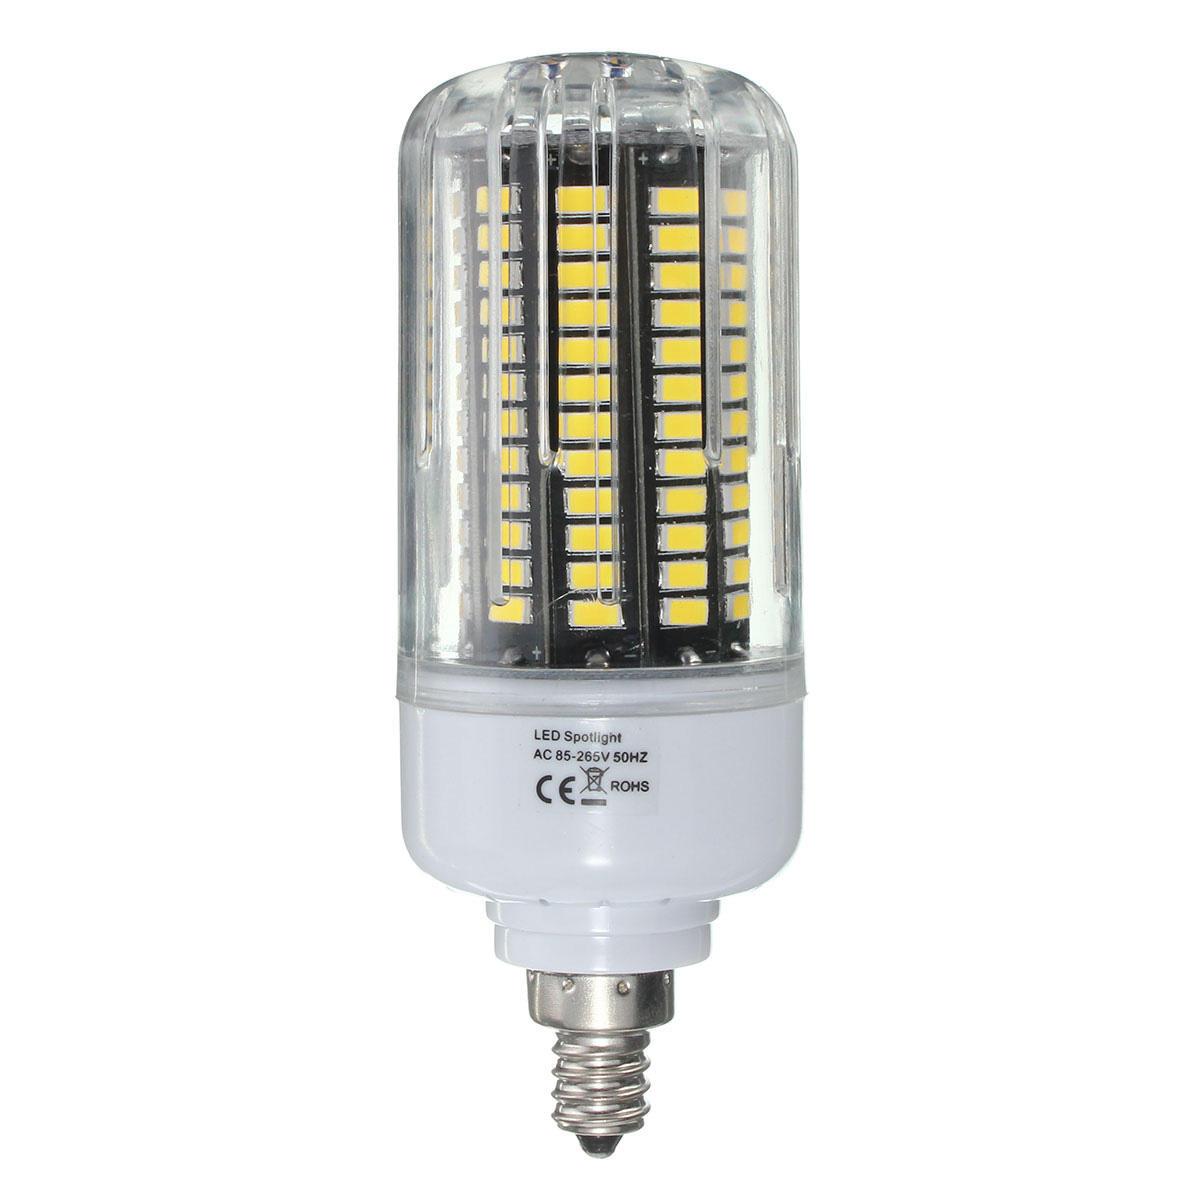 E27 E17 E14 E12 B22 18W 100 SMD 5736 LED Pure White Warm White Natural White Corn Bulb AC85 265V - 9